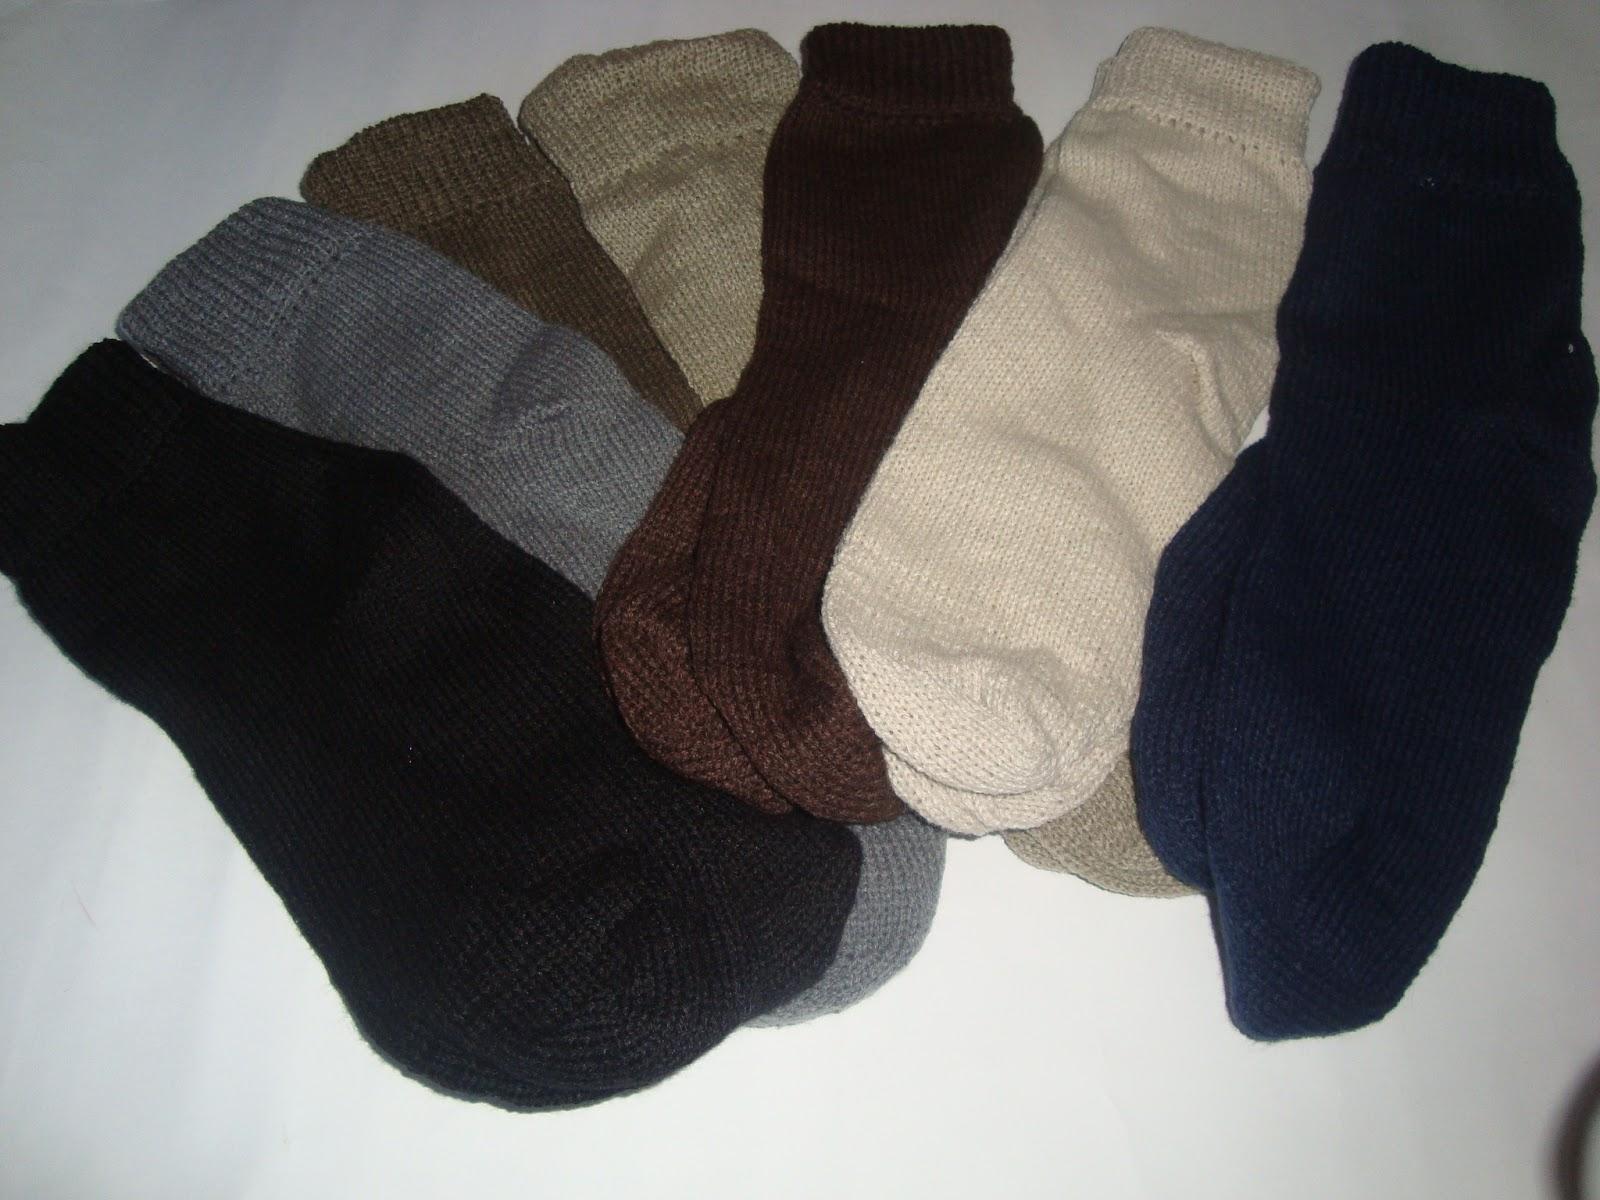 d50edd0e74448 Artesanatos DriArt  meia lã para adulto e meia calca infantil